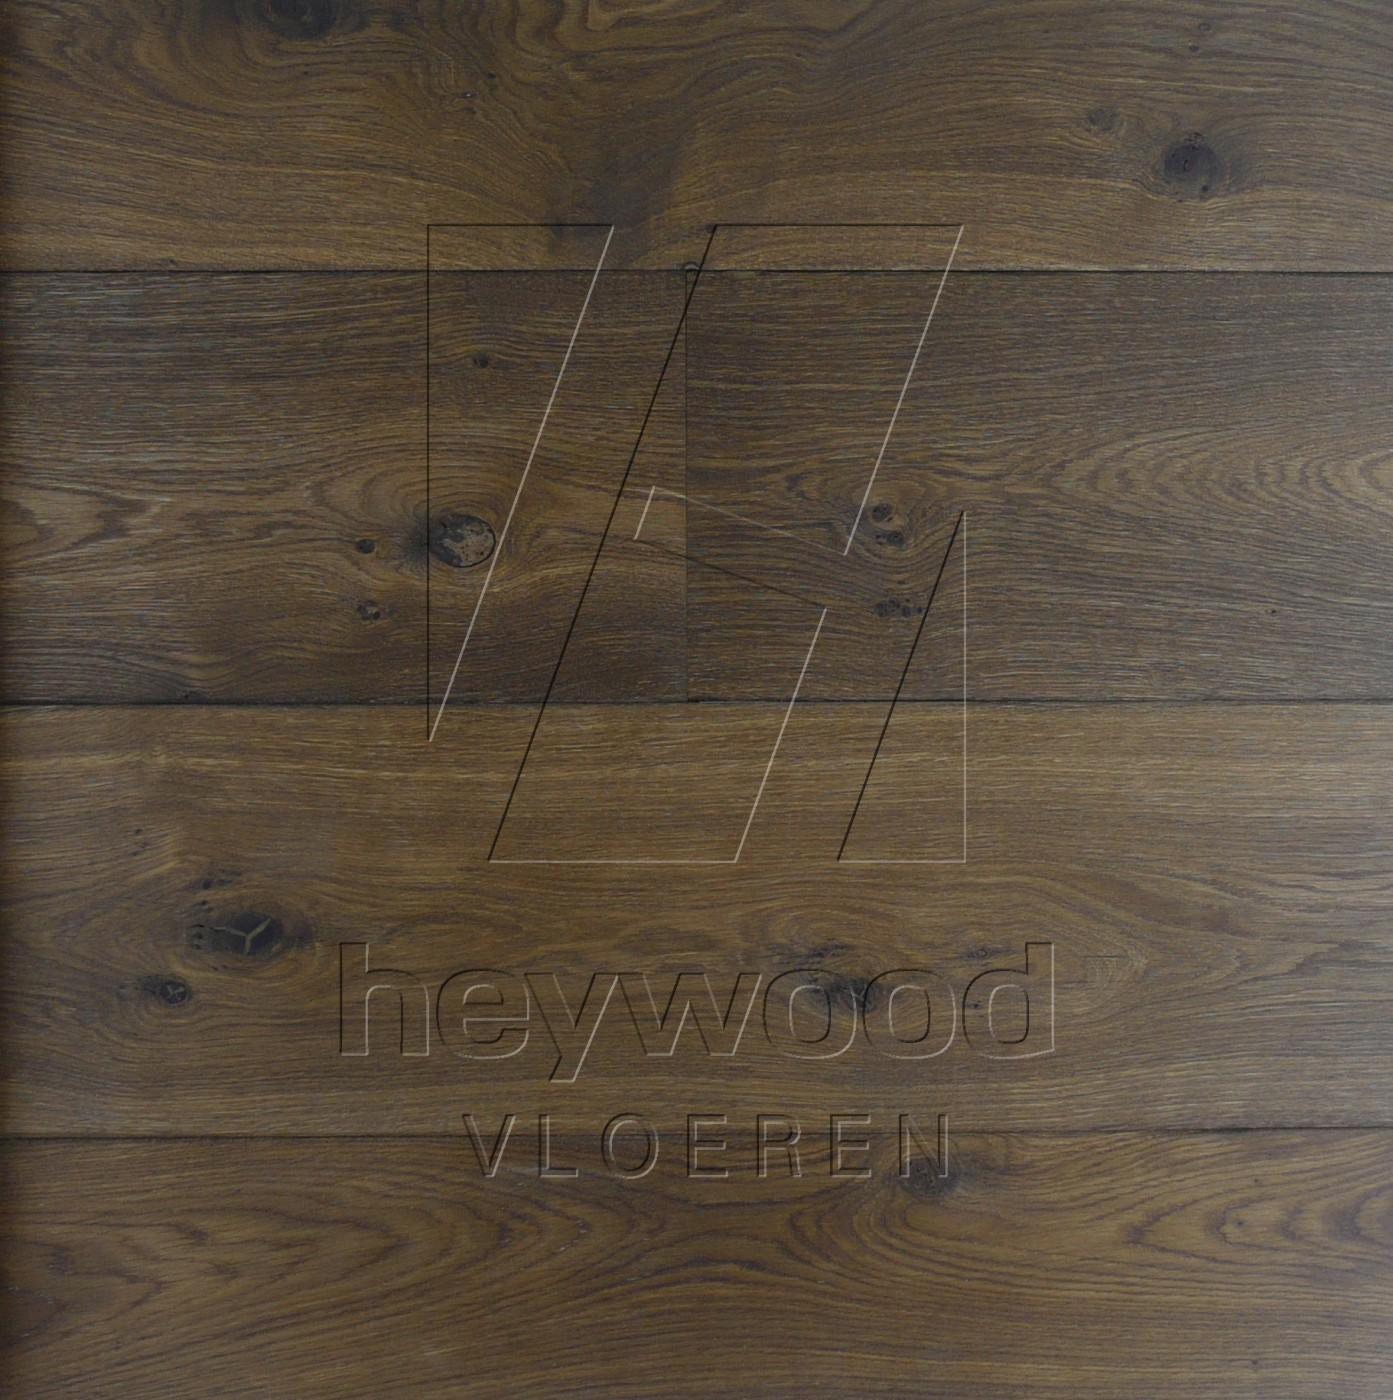 Swansea in European Oak Character of Bespoke Wooden Floors